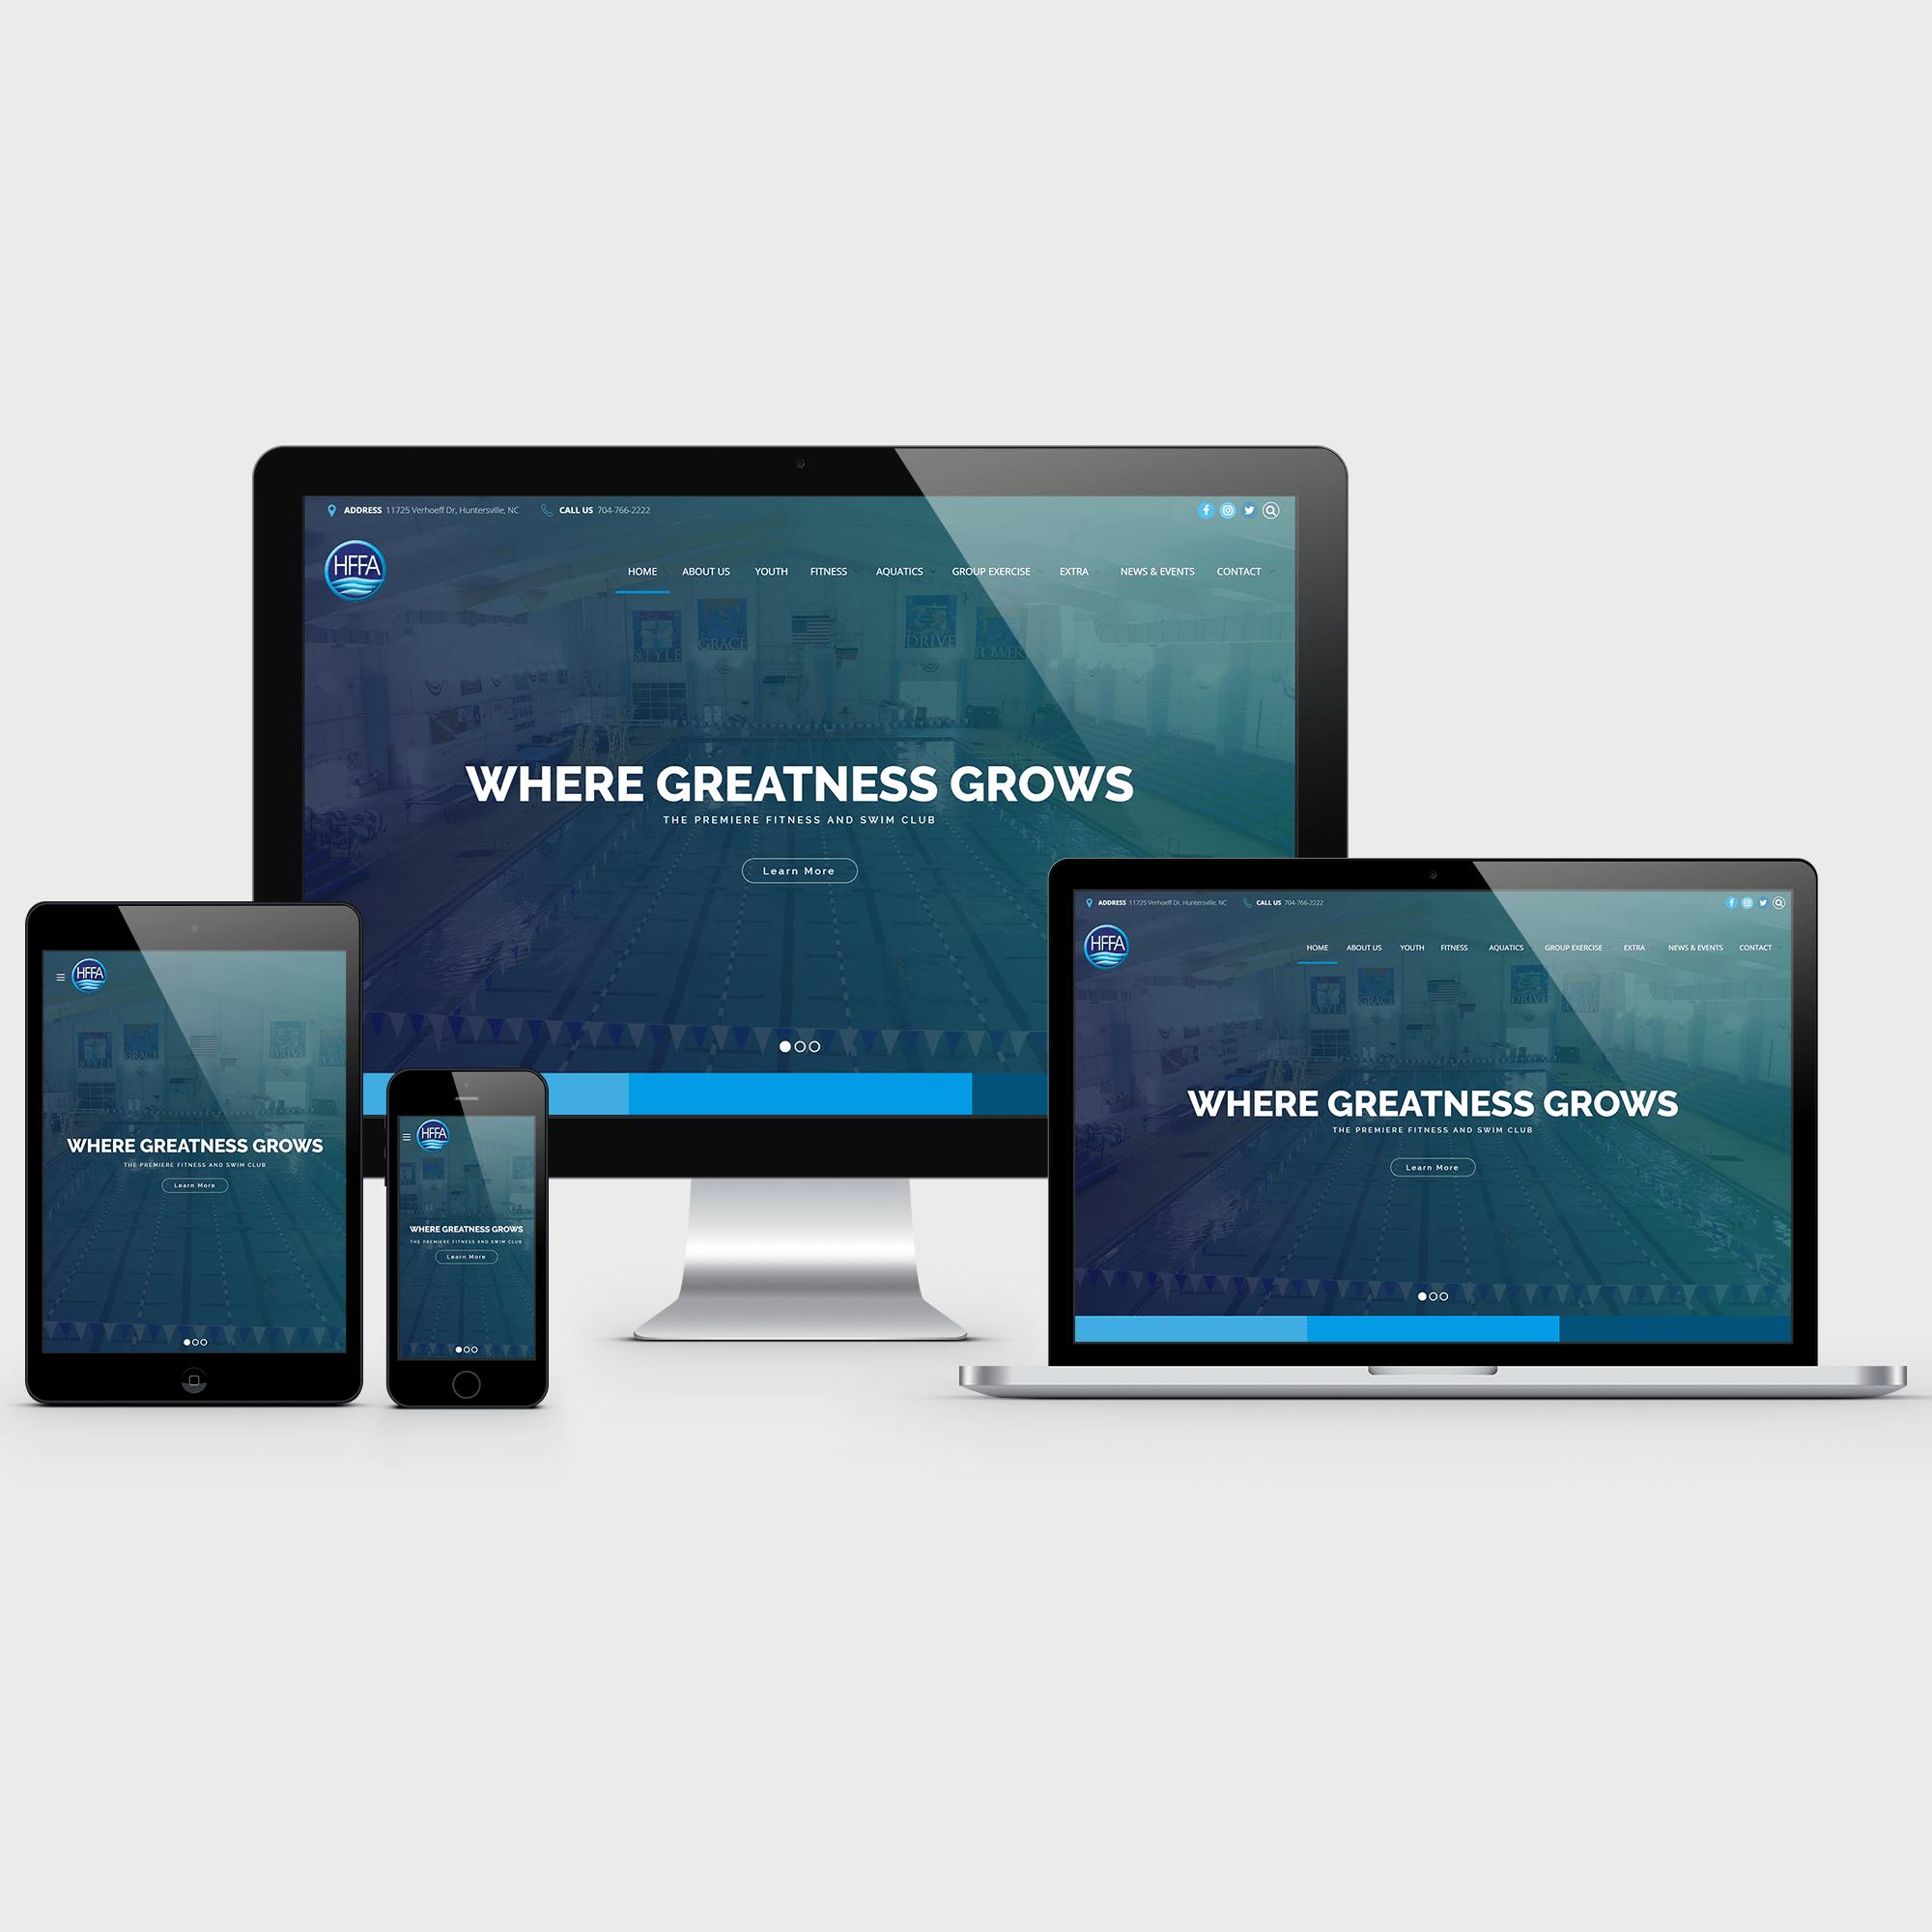 hffa-portfolio-lazarus-design-team-web-design